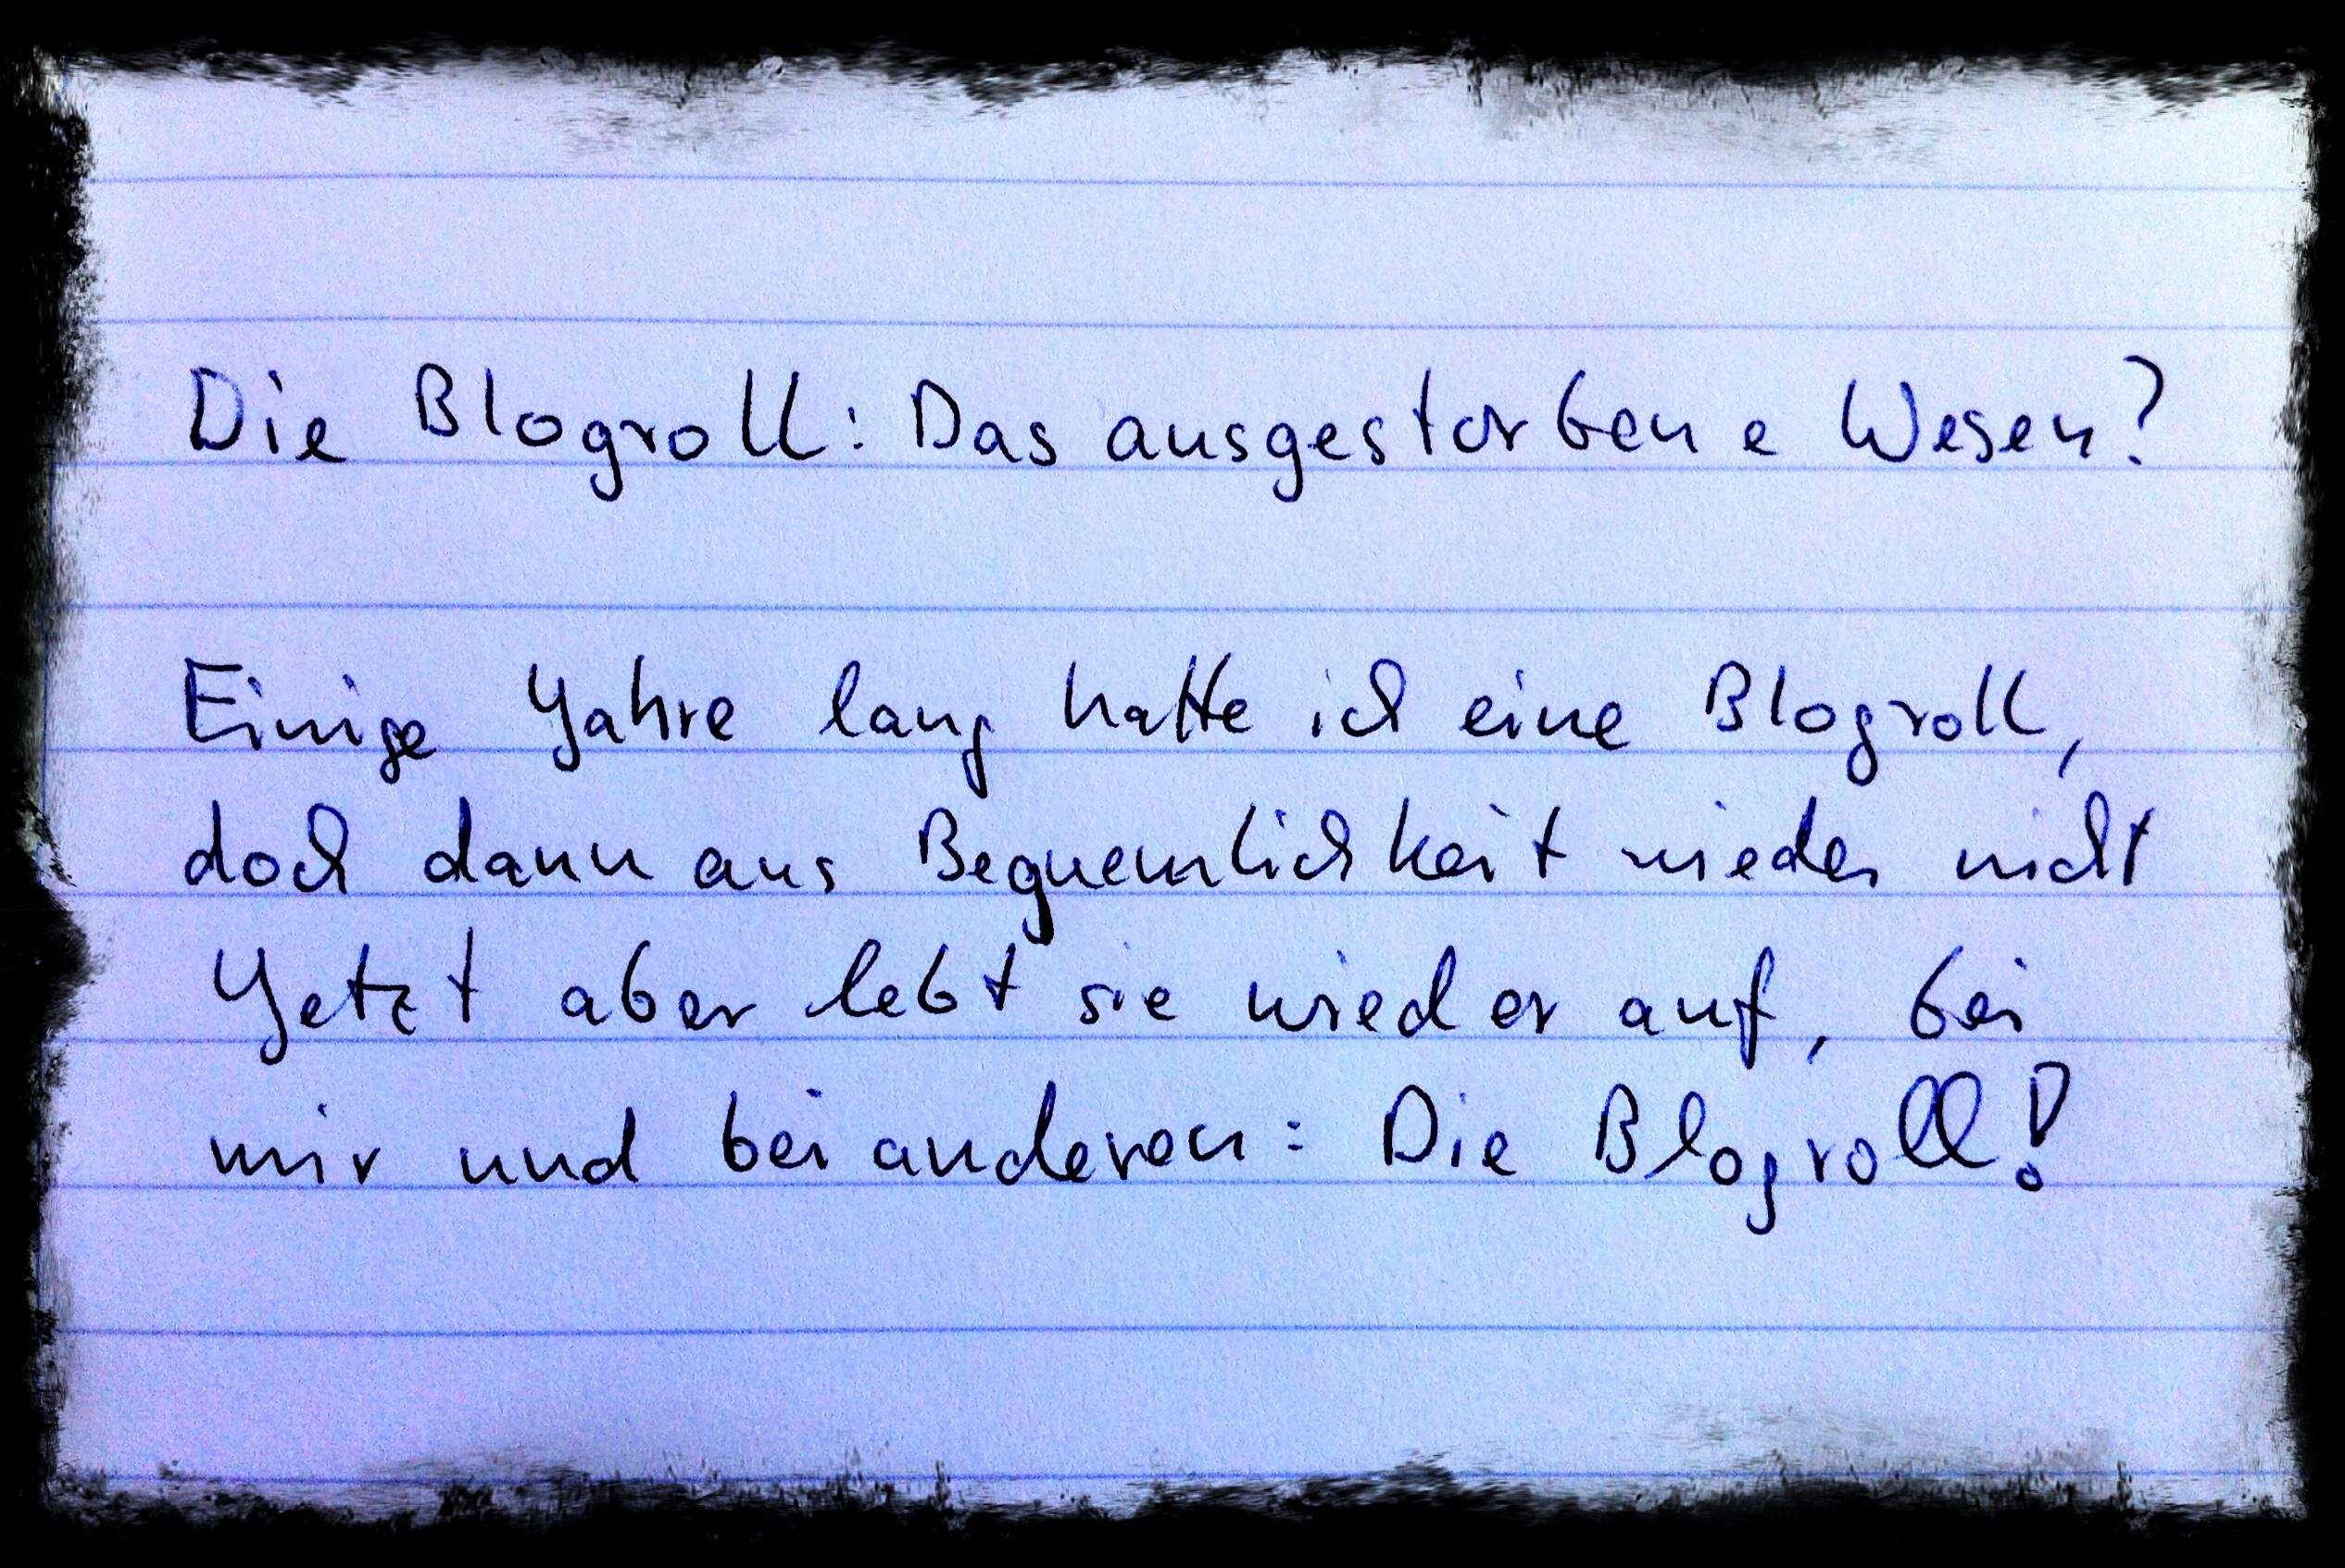 Tim Krischaks Auswertung der Blogparade zur Blogroll